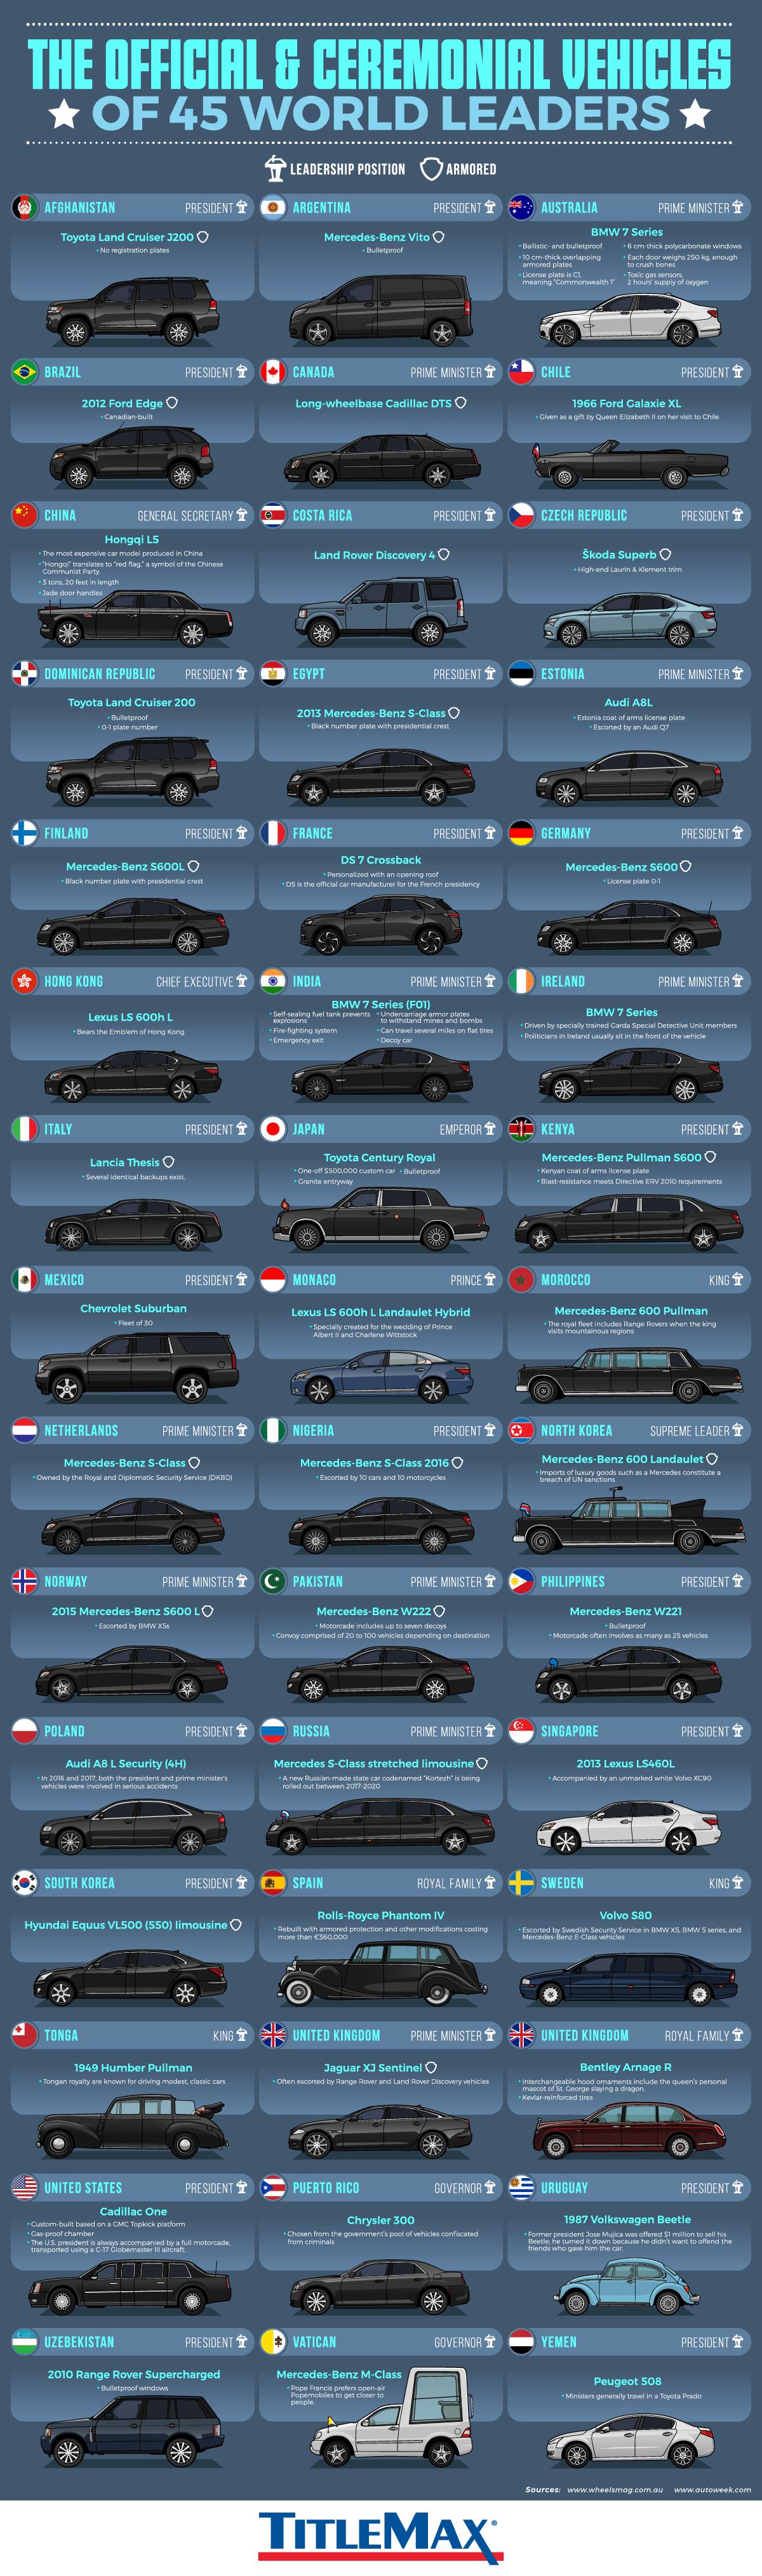 세계 각국 정상들이 타는 차 모음